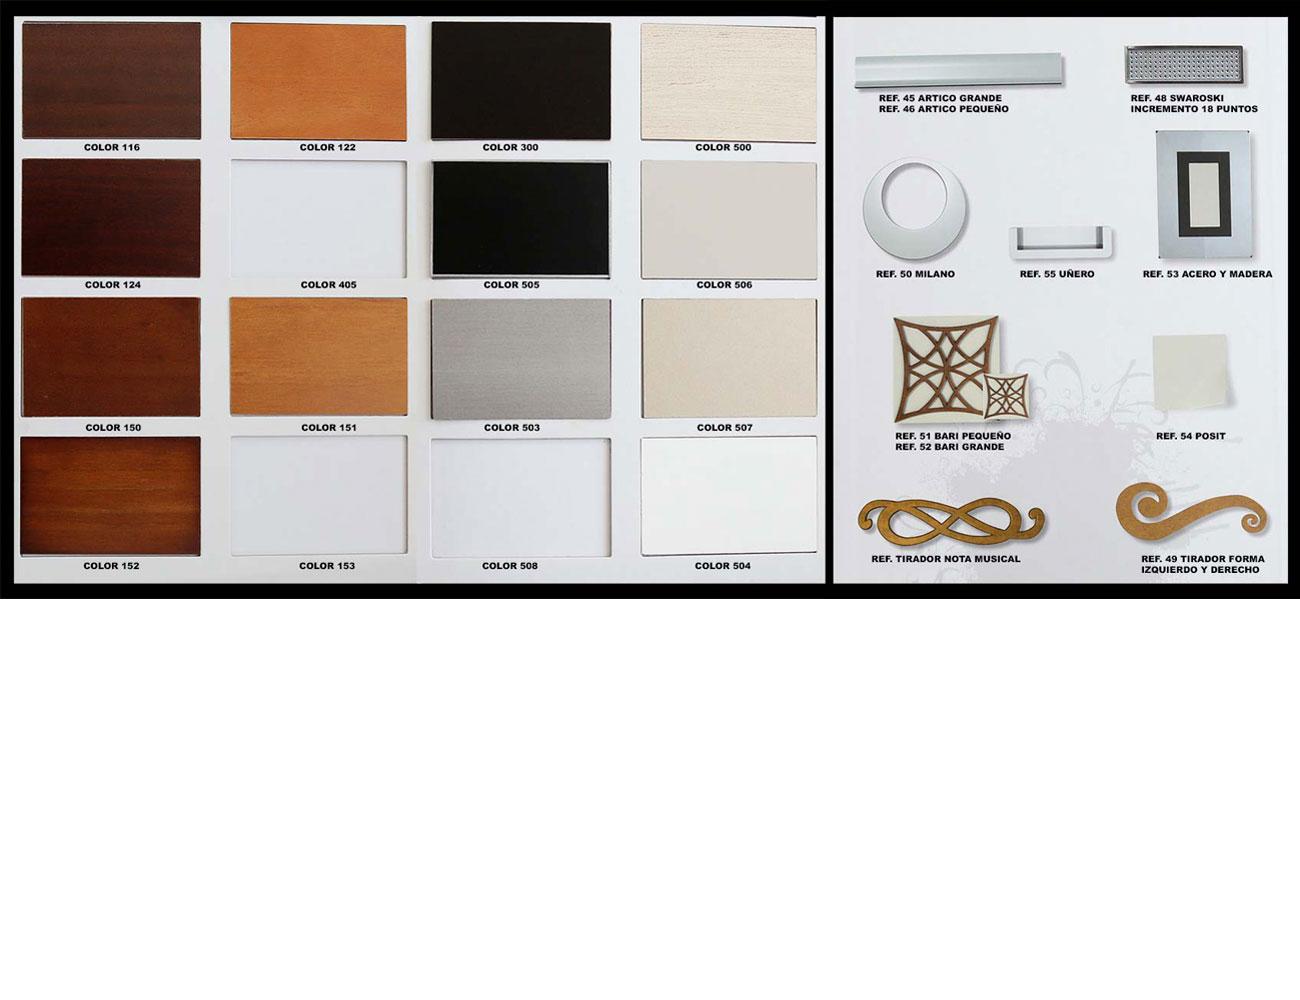 Colores tiradores2